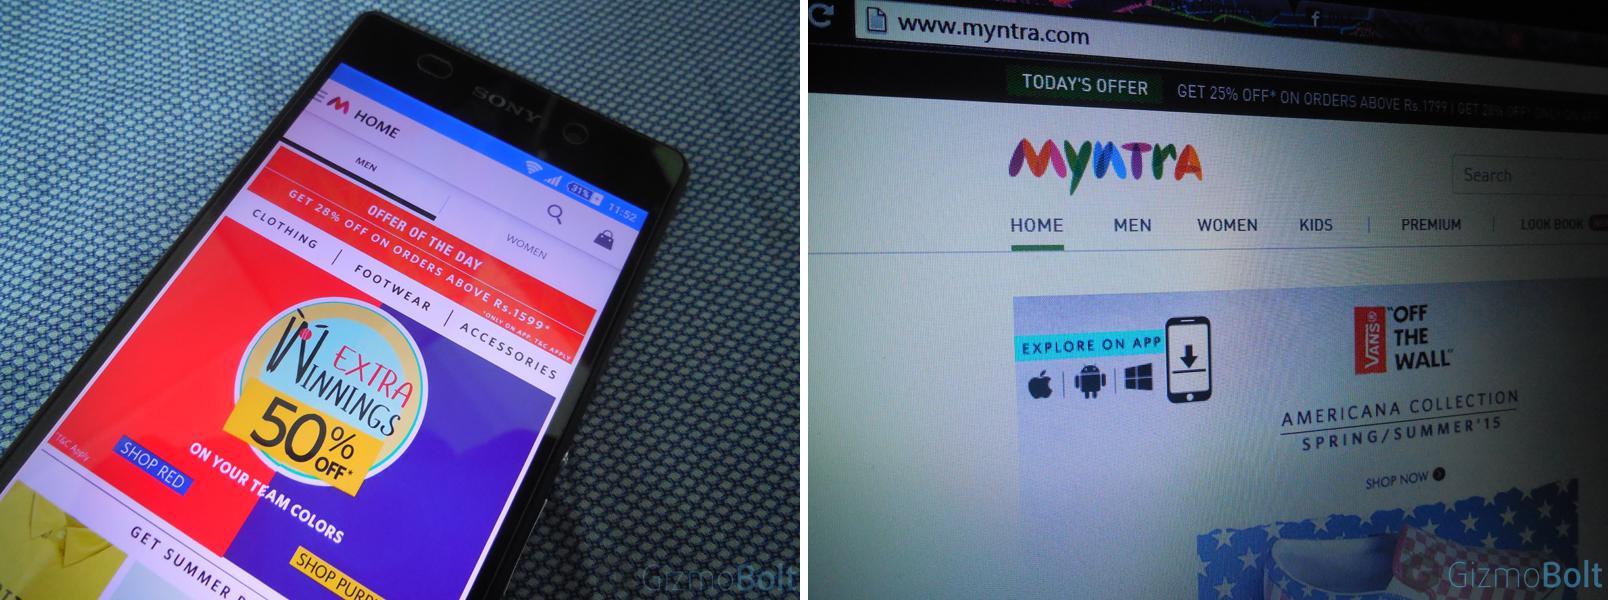 Myntra mobile based app-only platform